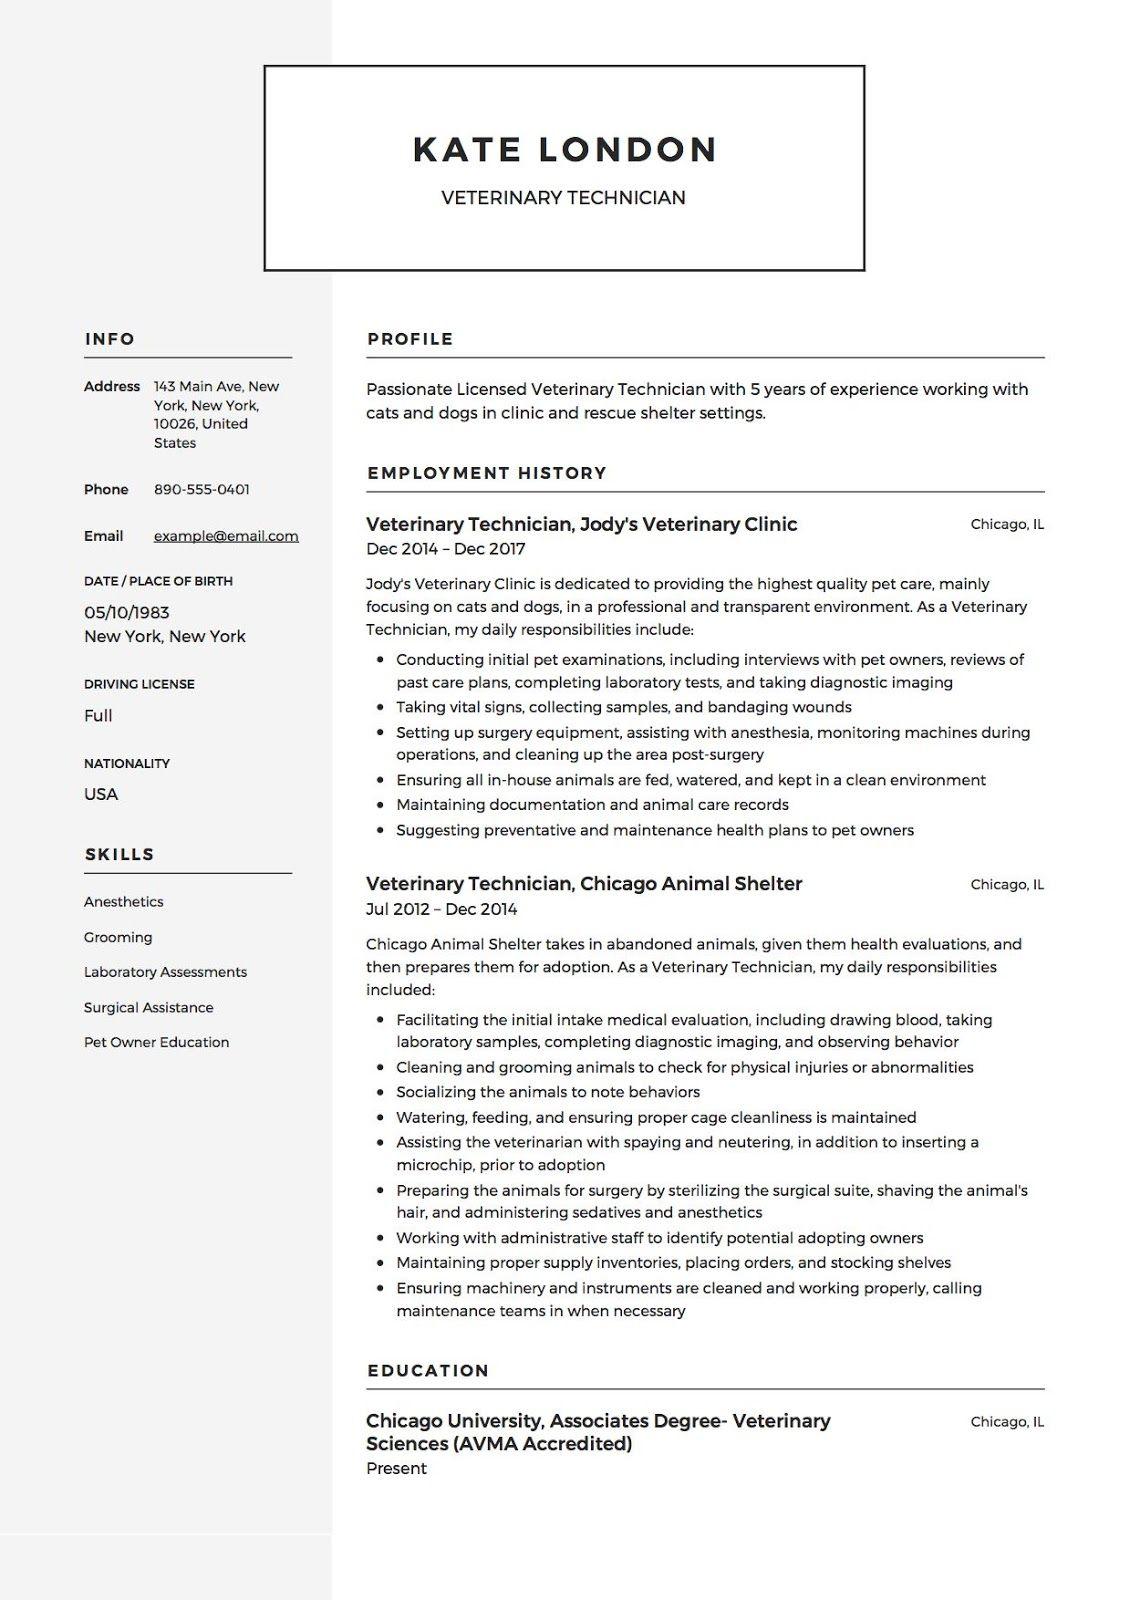 vet tech resumes samples 2019 vet tech resume samples 2020